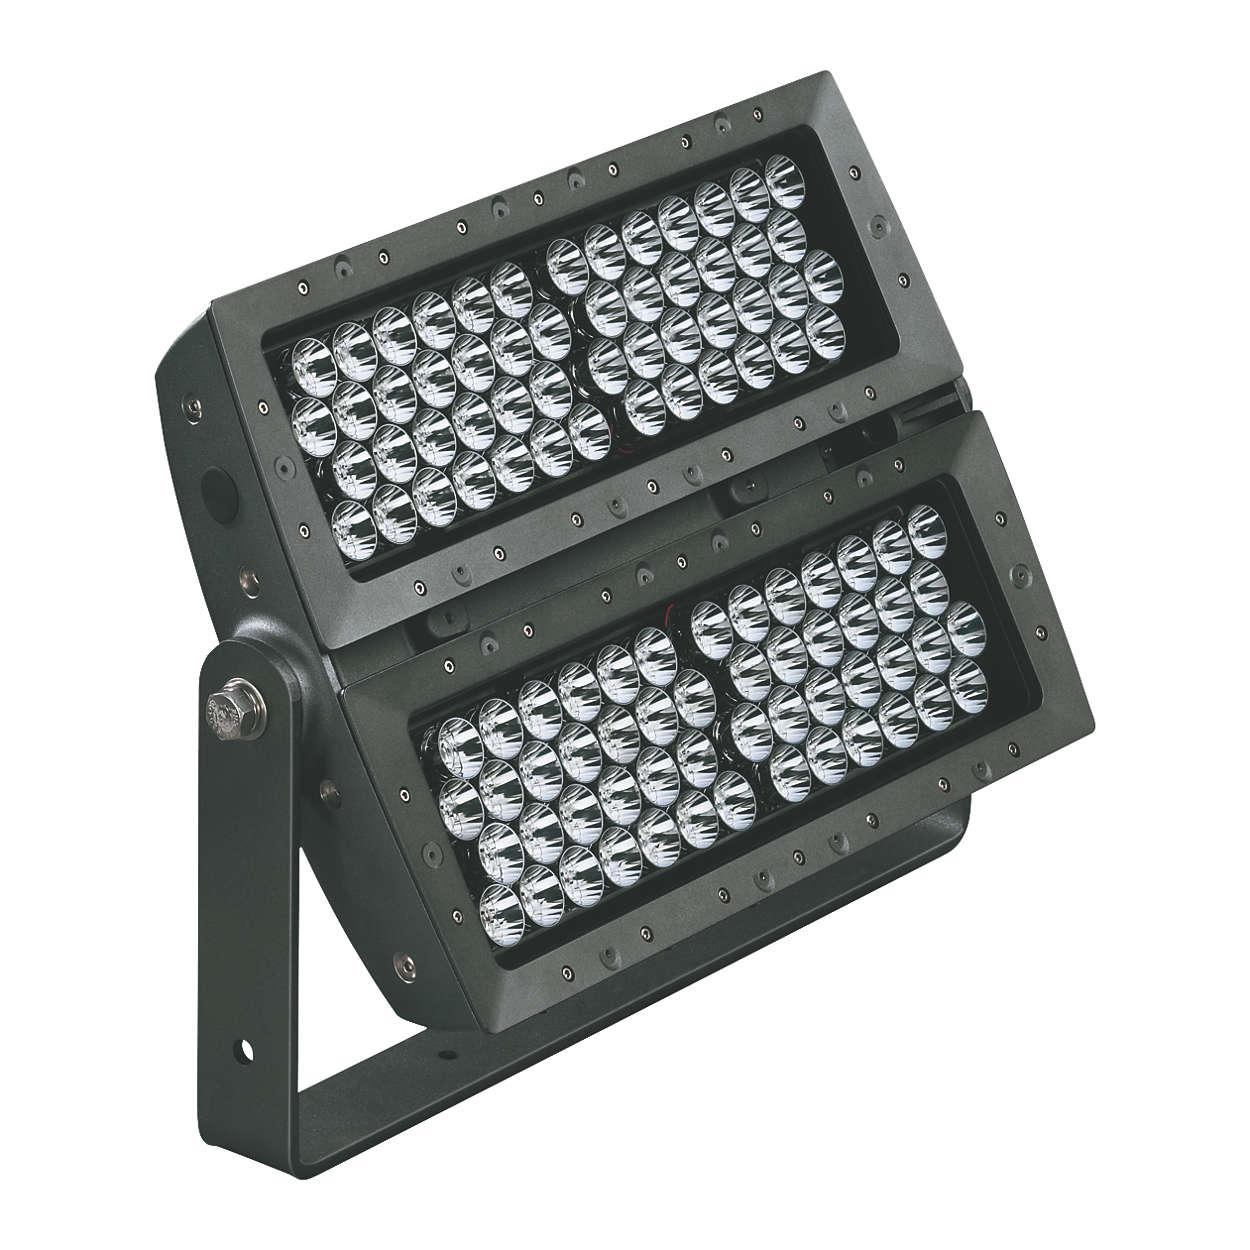 eW Reach Powercore – új generációs LED-es fehér fényárvilágítás az egyedi homlokzatok és szerkezetek megvilágítására